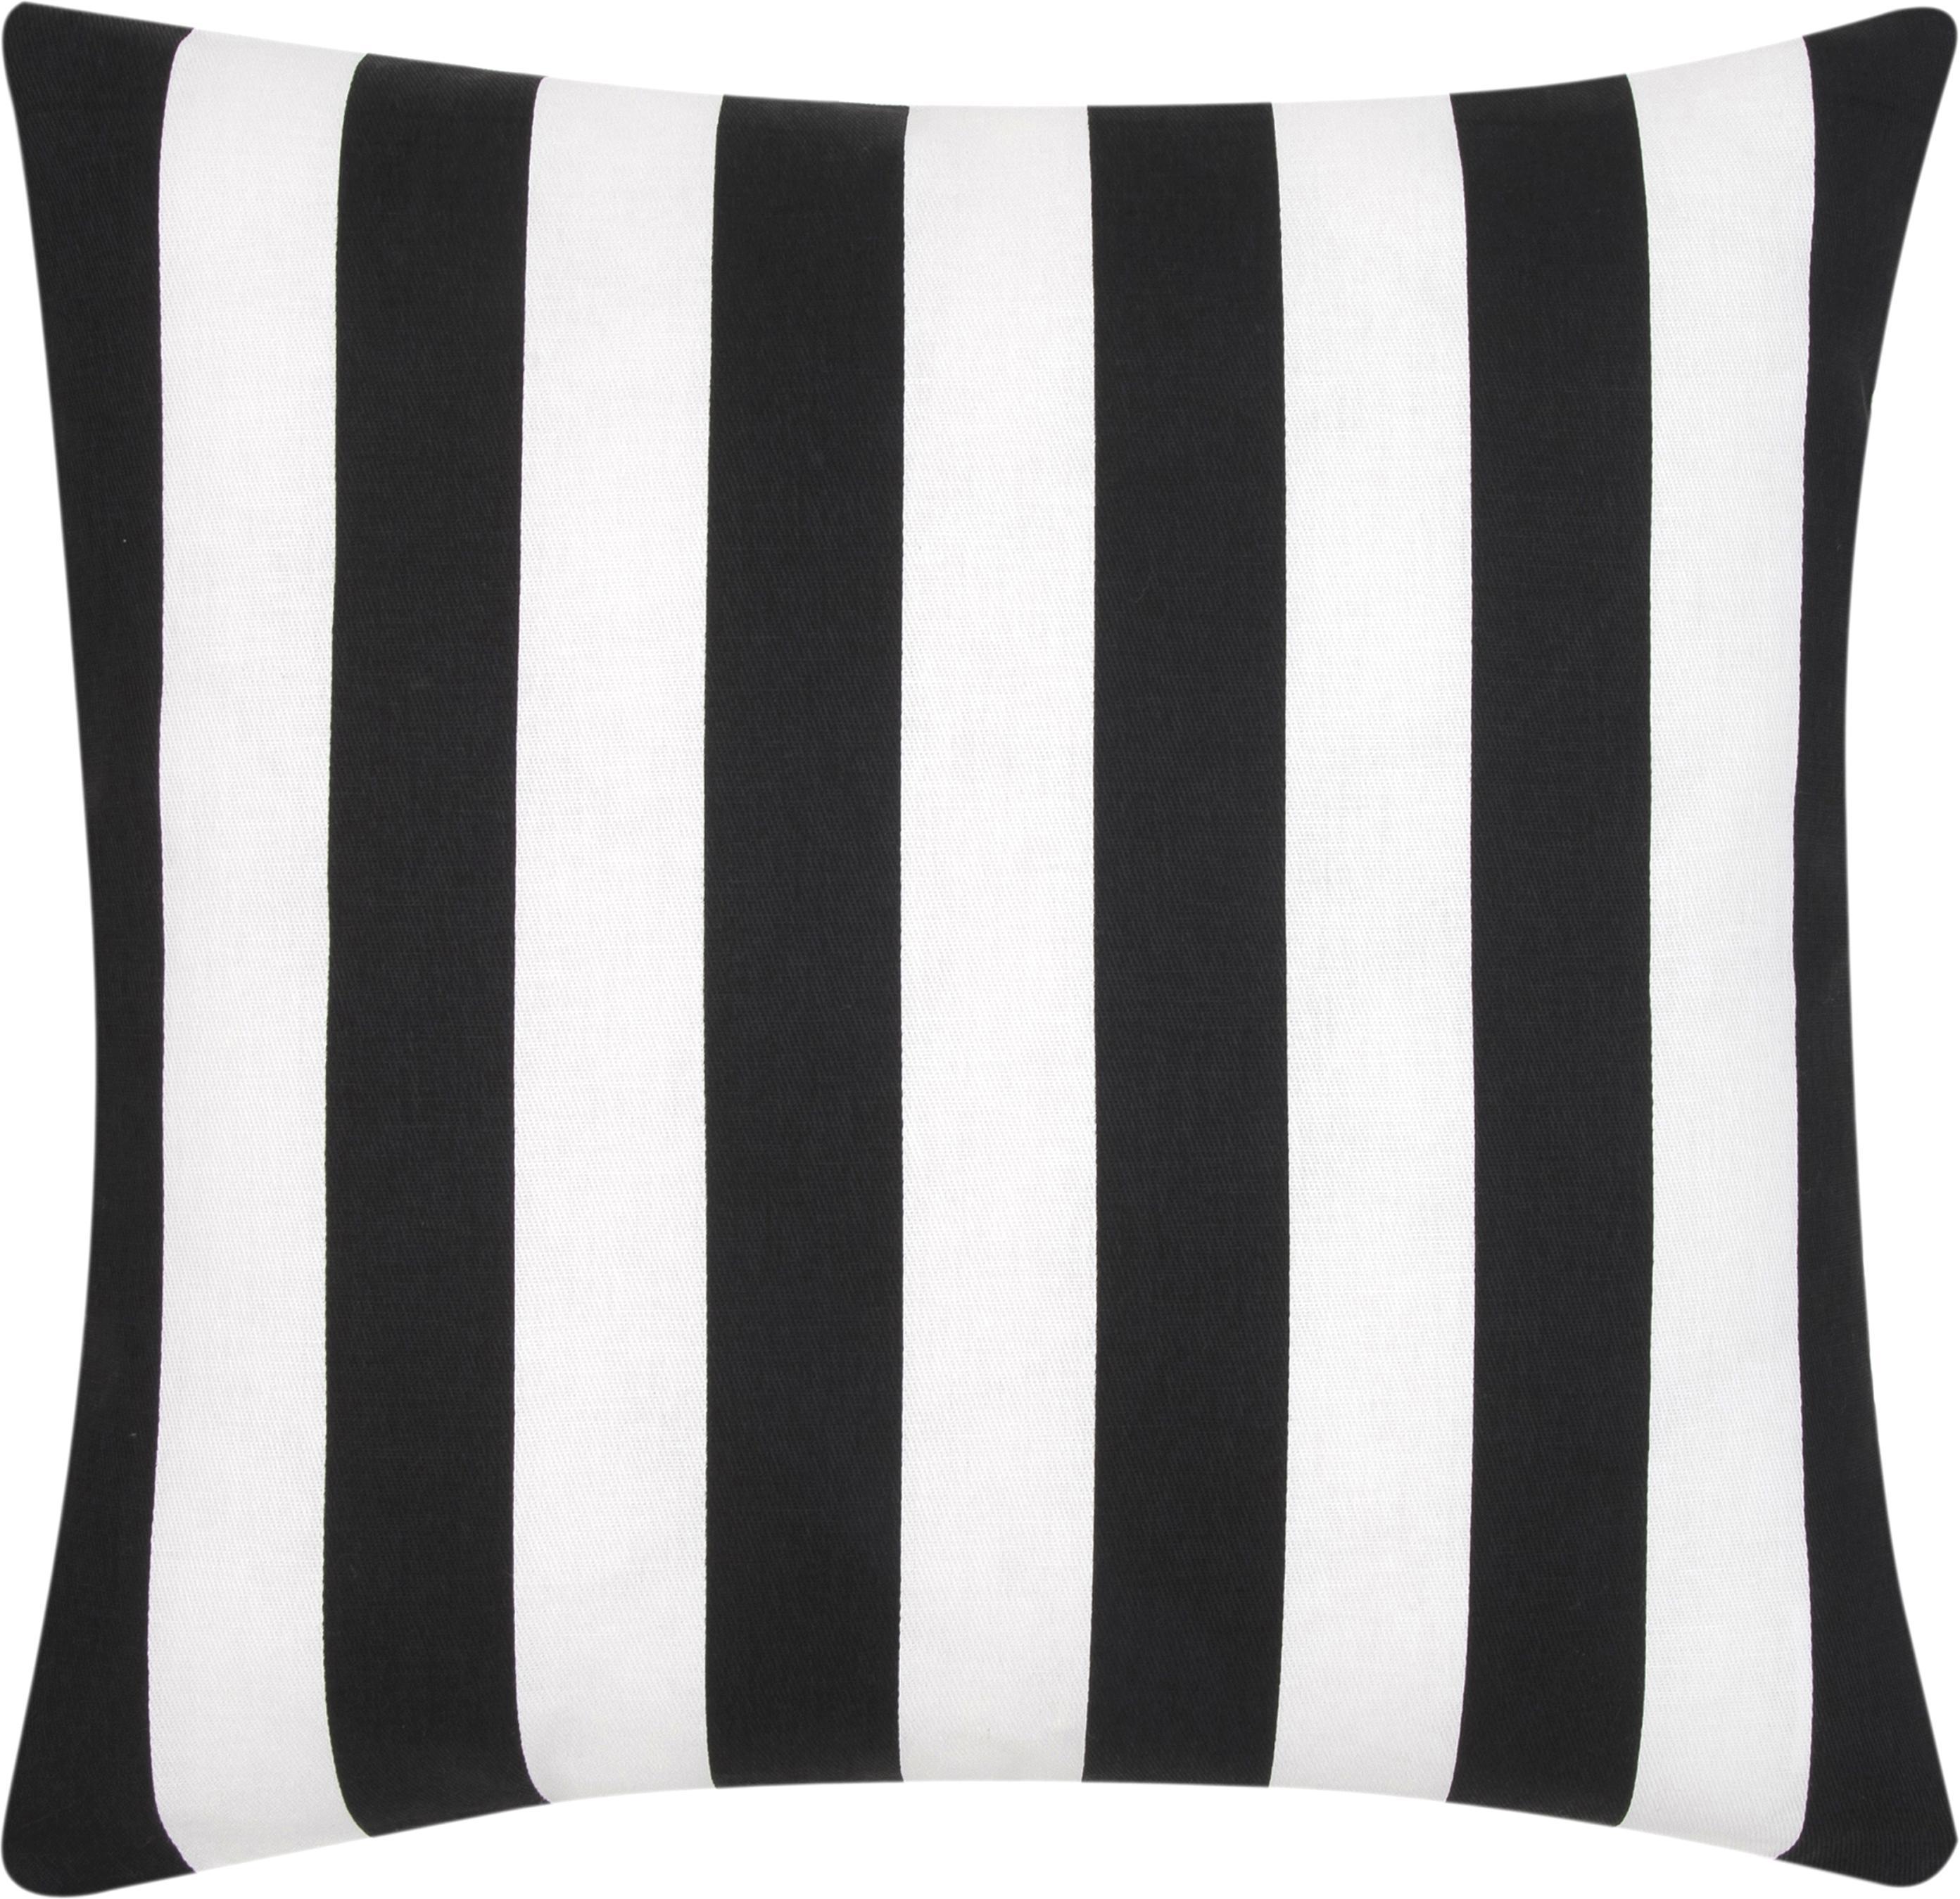 Federa arredo a righe in nero/bianco Timon, Cotone, Nero, bianco, Larg. 45 x Lung. 45 cm